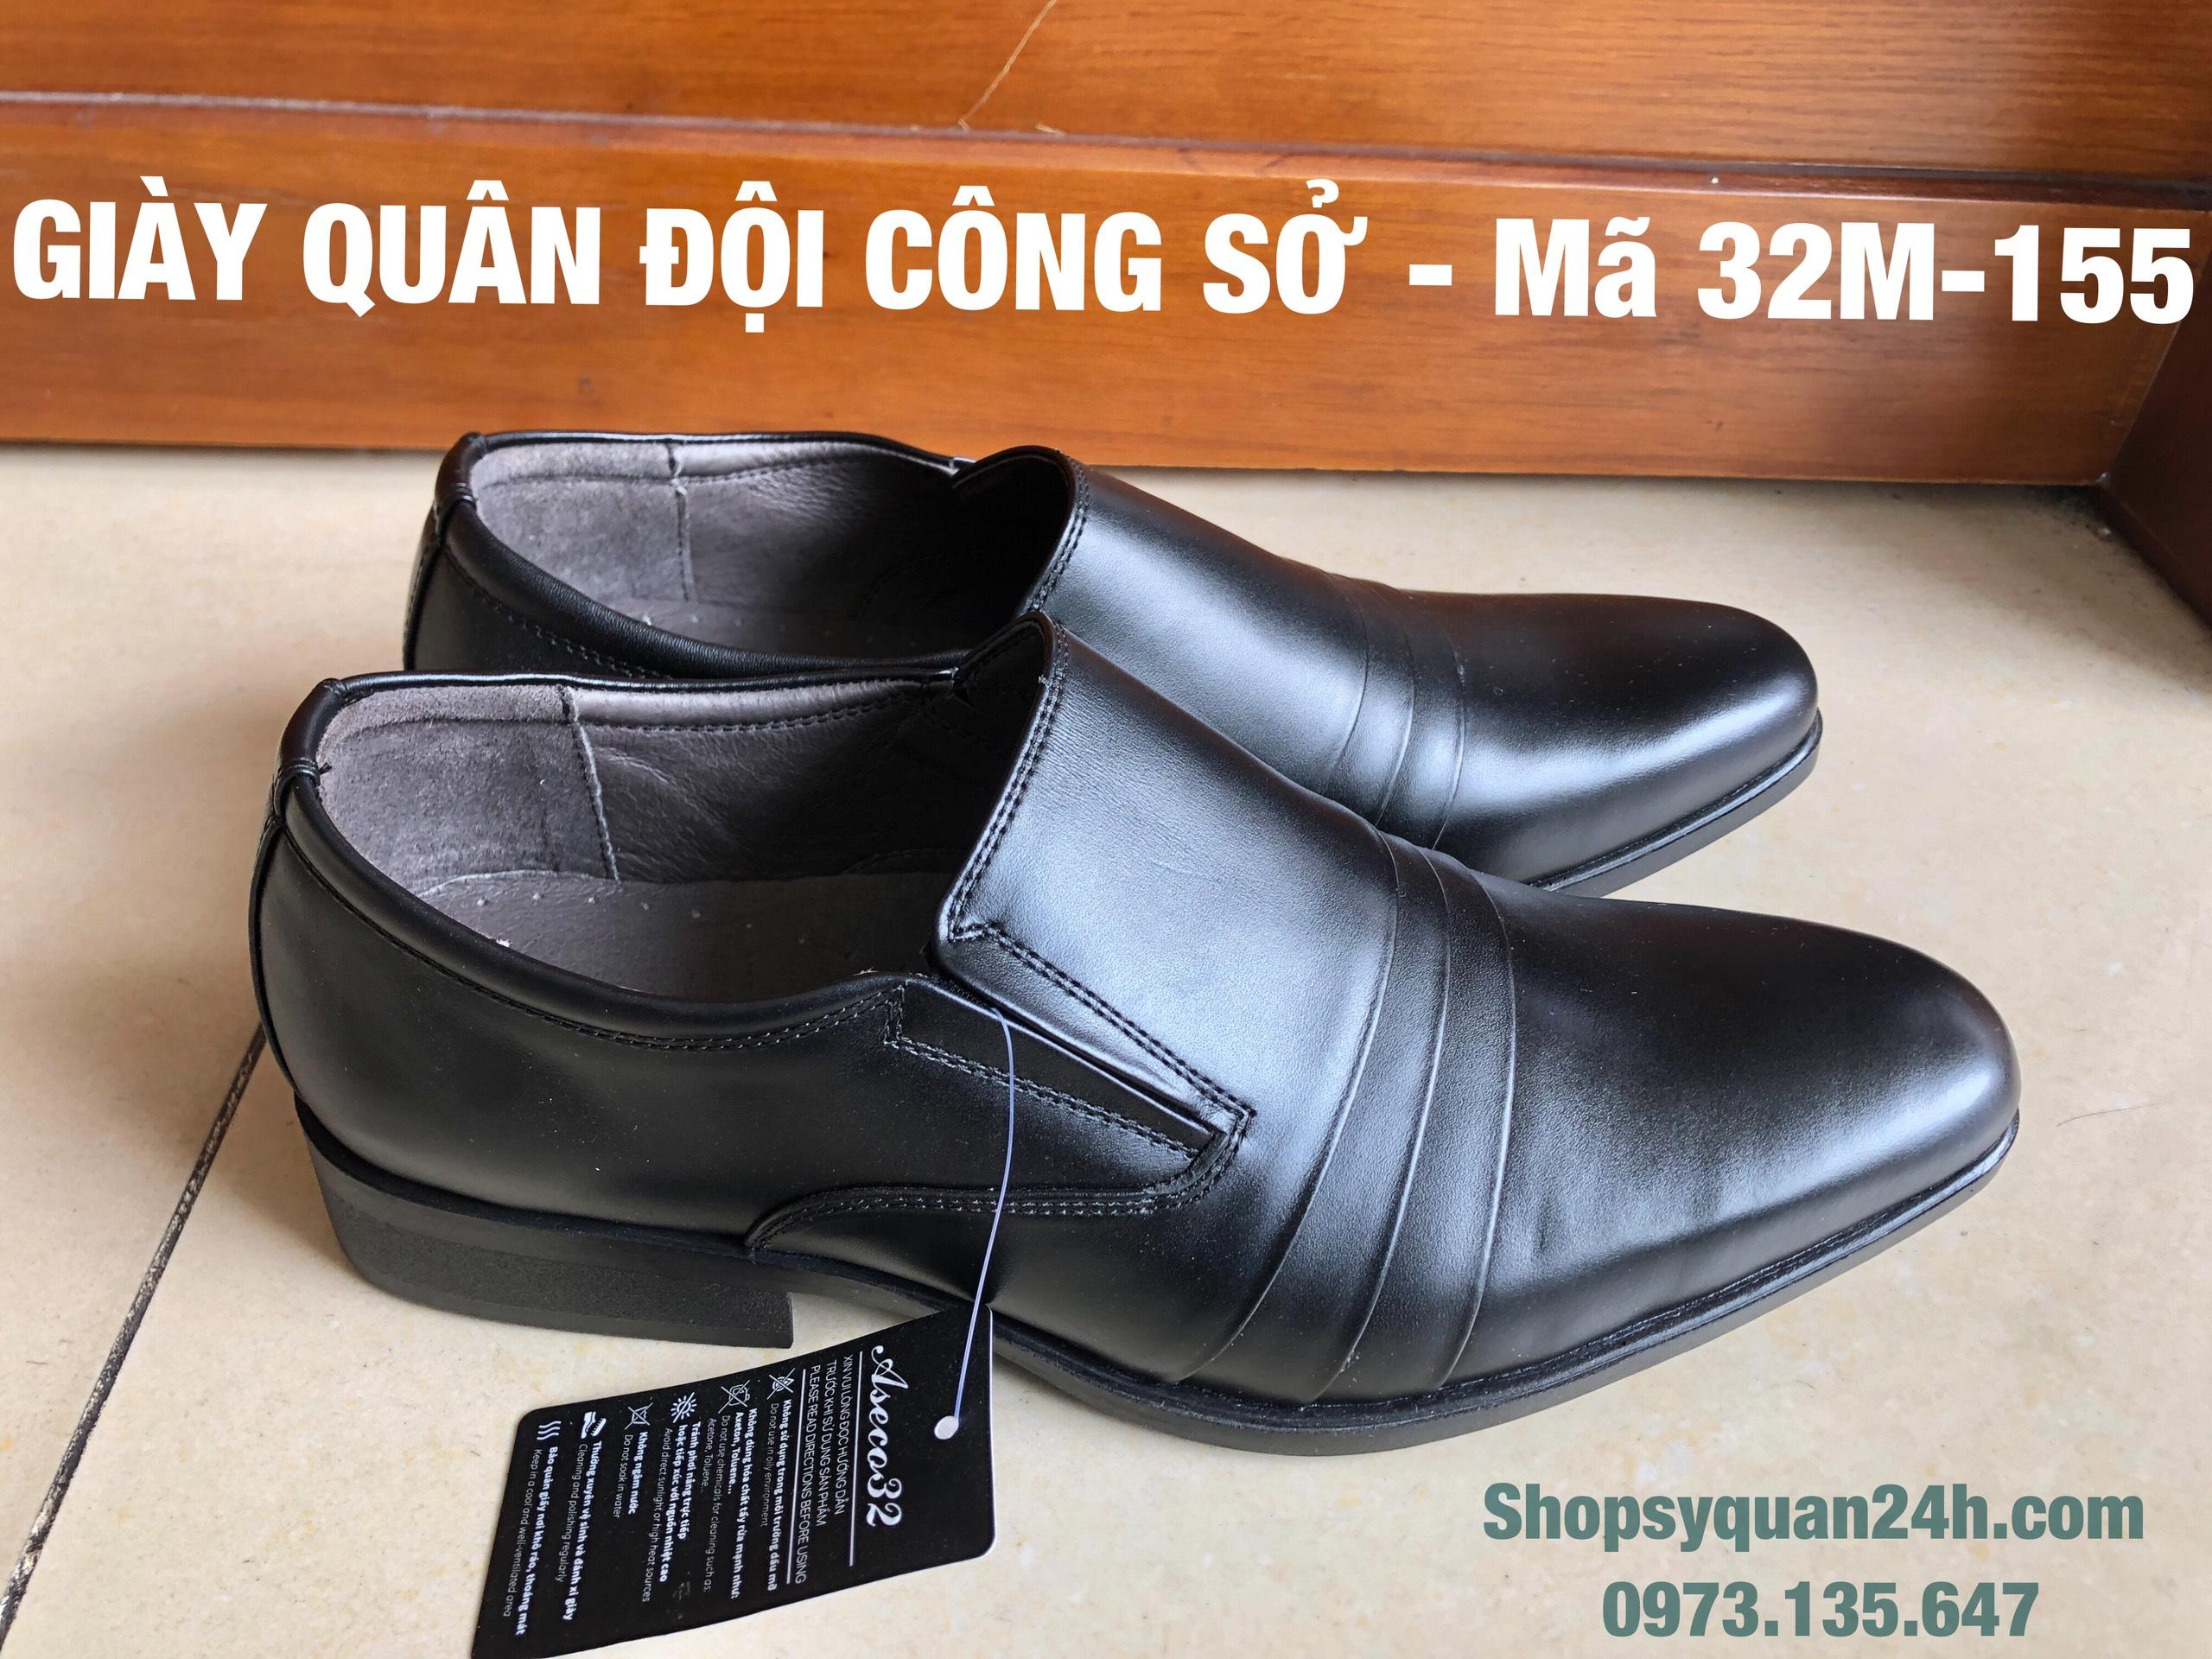 Giày Da Công Sở 32M-155